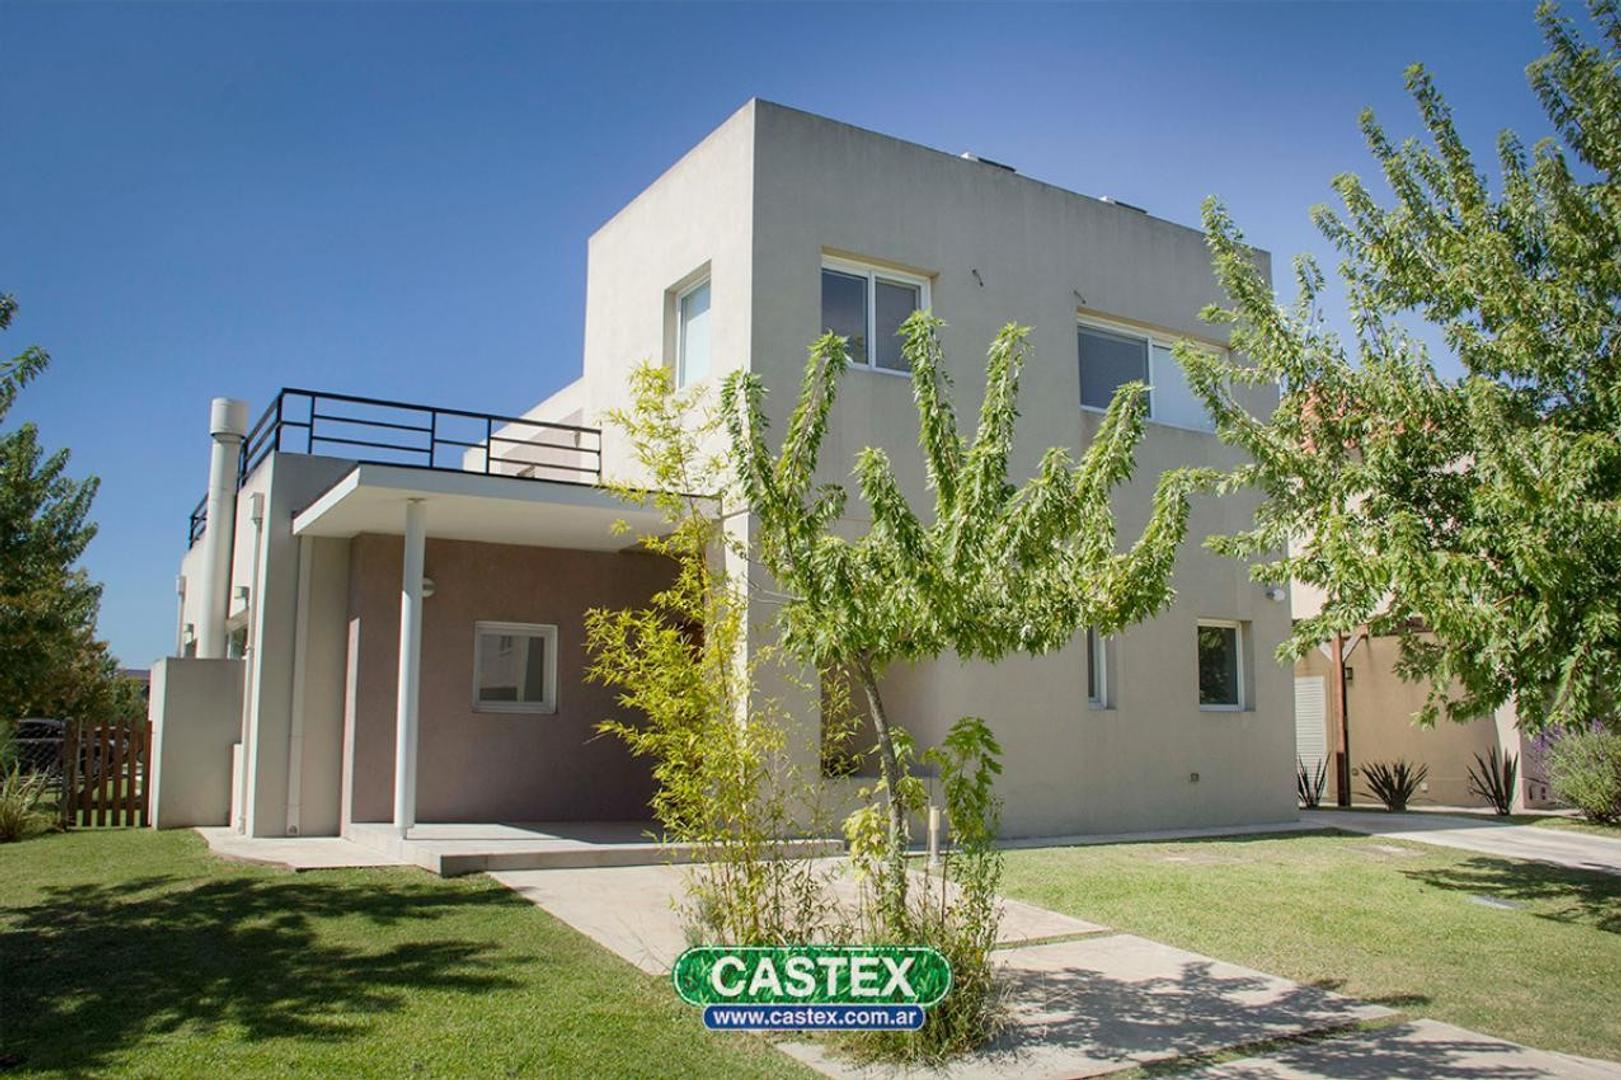 Casa moderna a la venta en Los Alisos